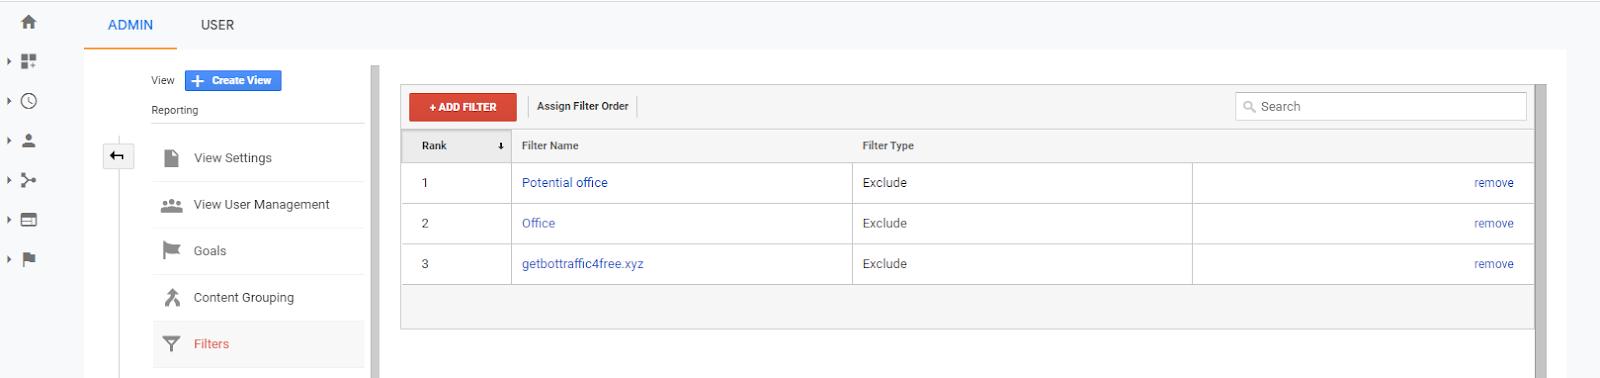 Снимок экрана с примерами фильтров Google Analytics.